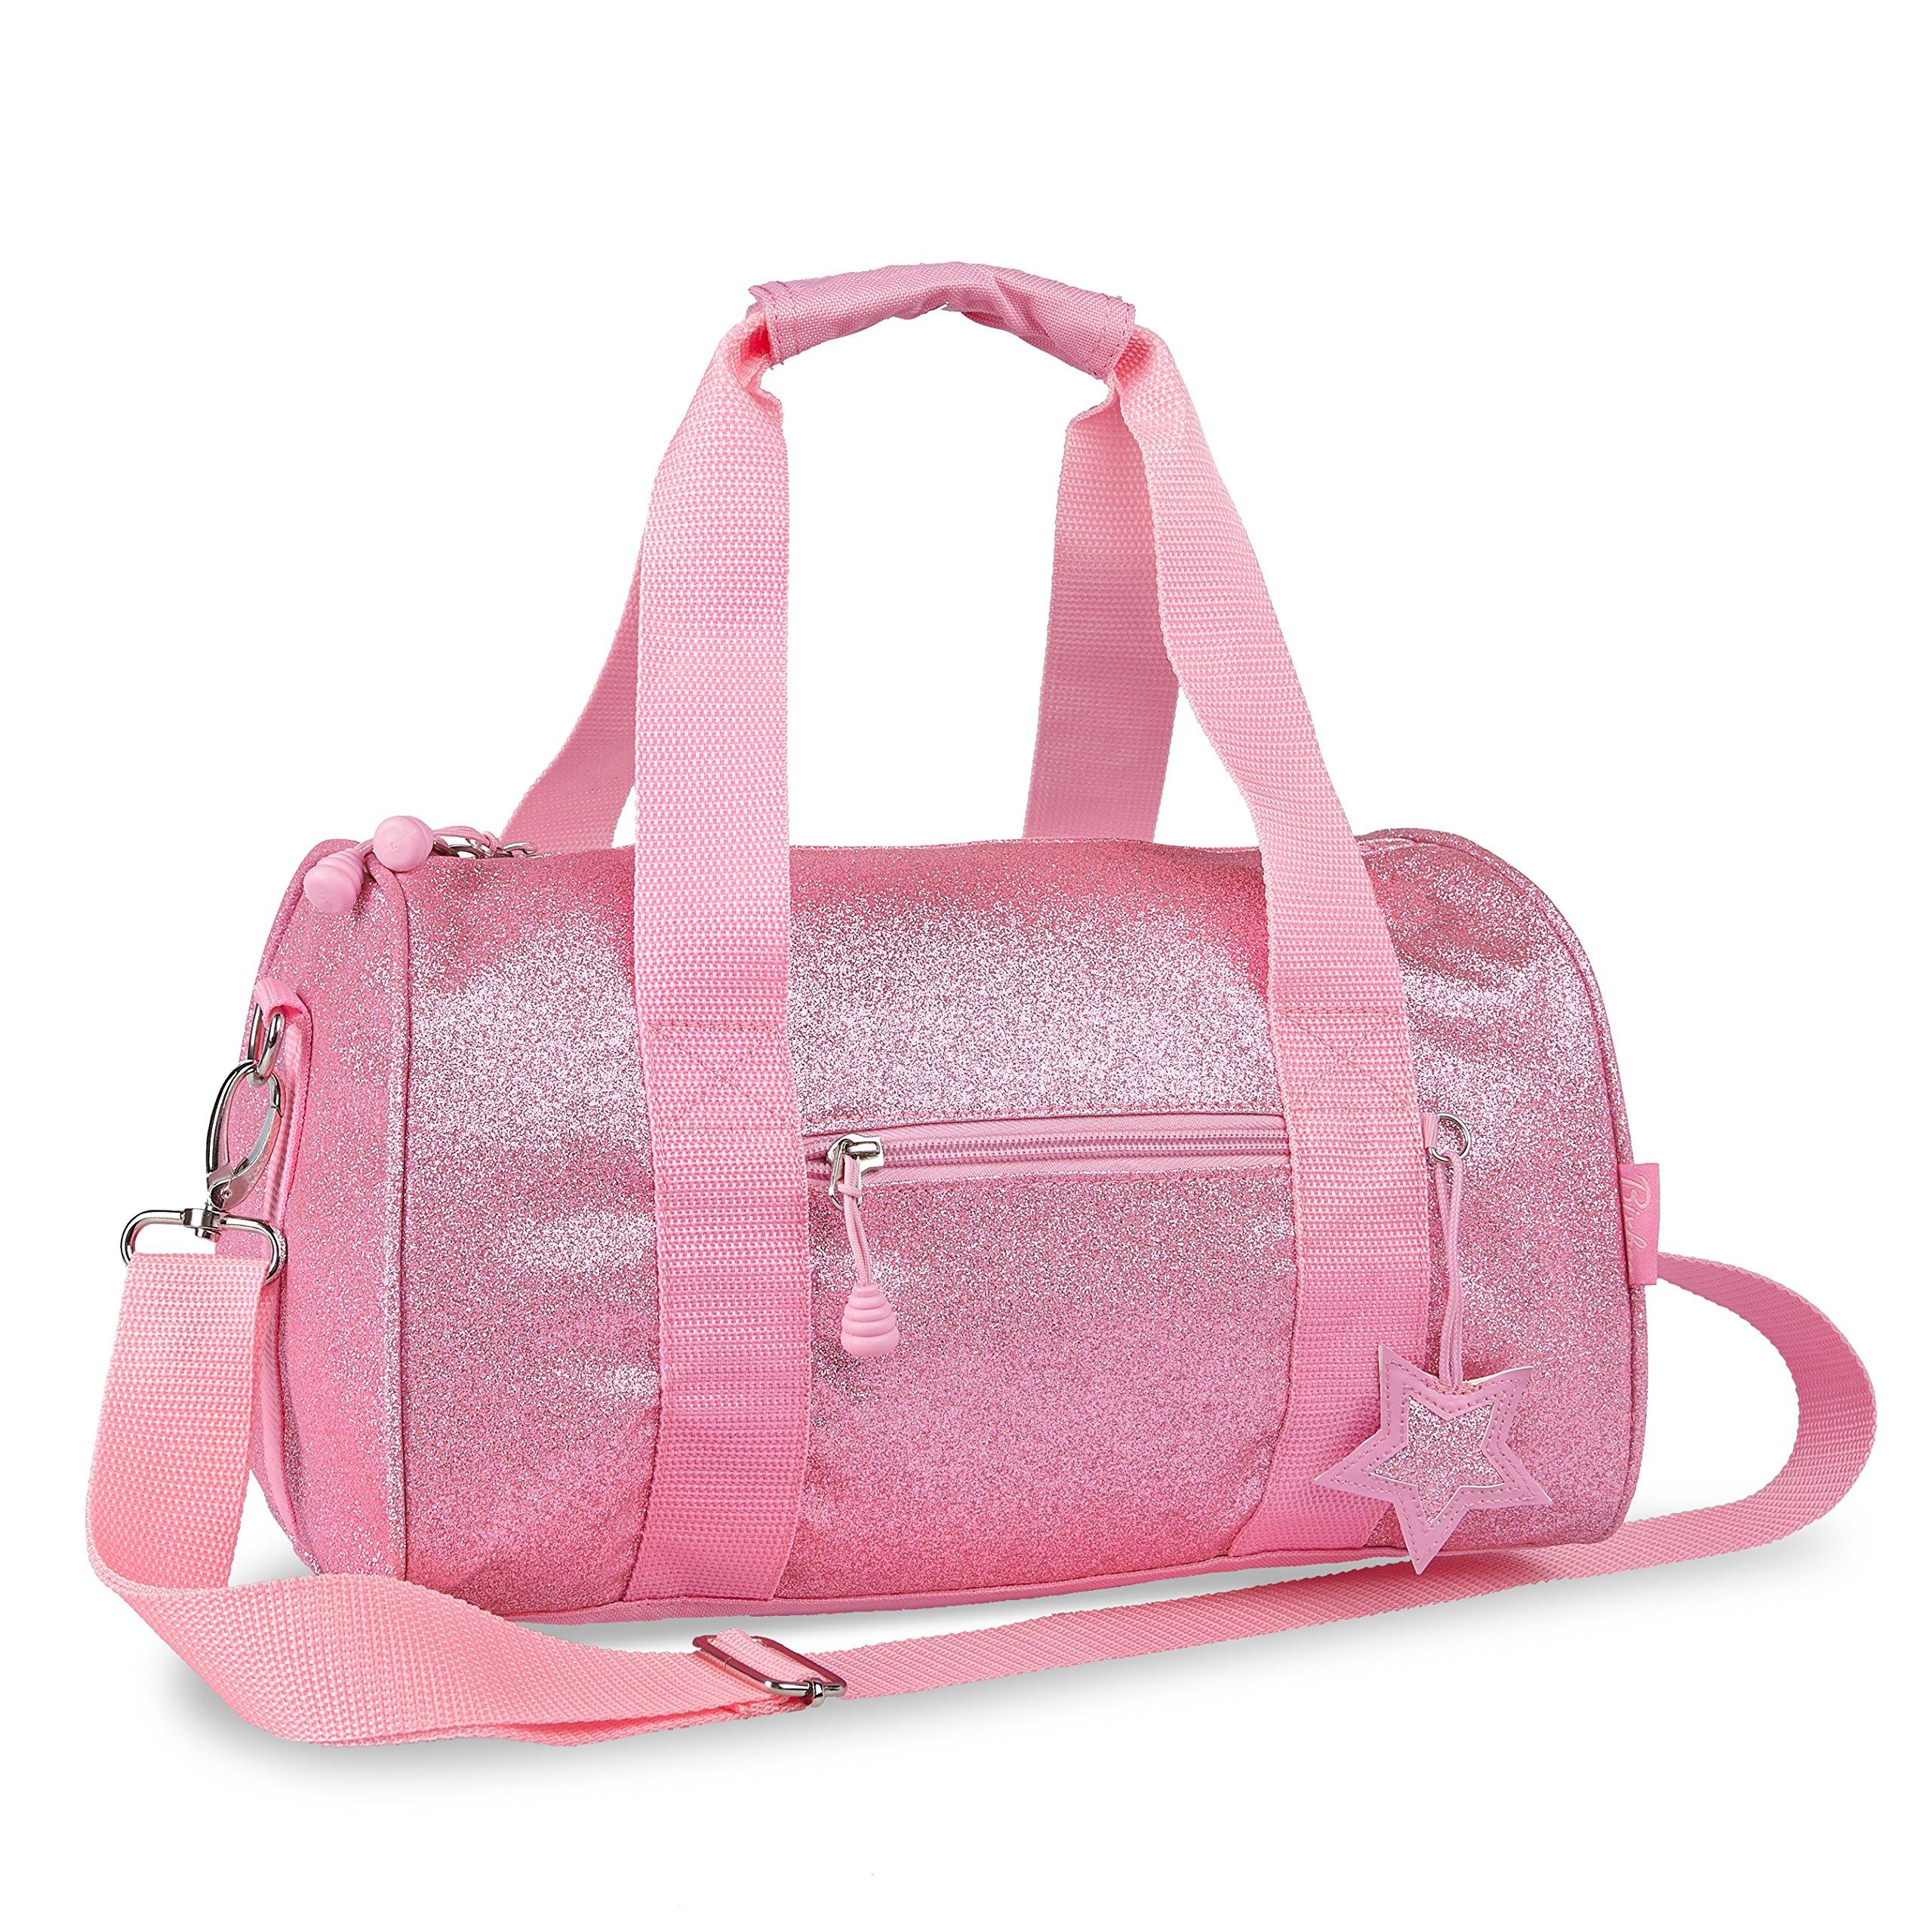 Bixbee Medium Sparkalicious Glitter Duffel, Pink School Bag